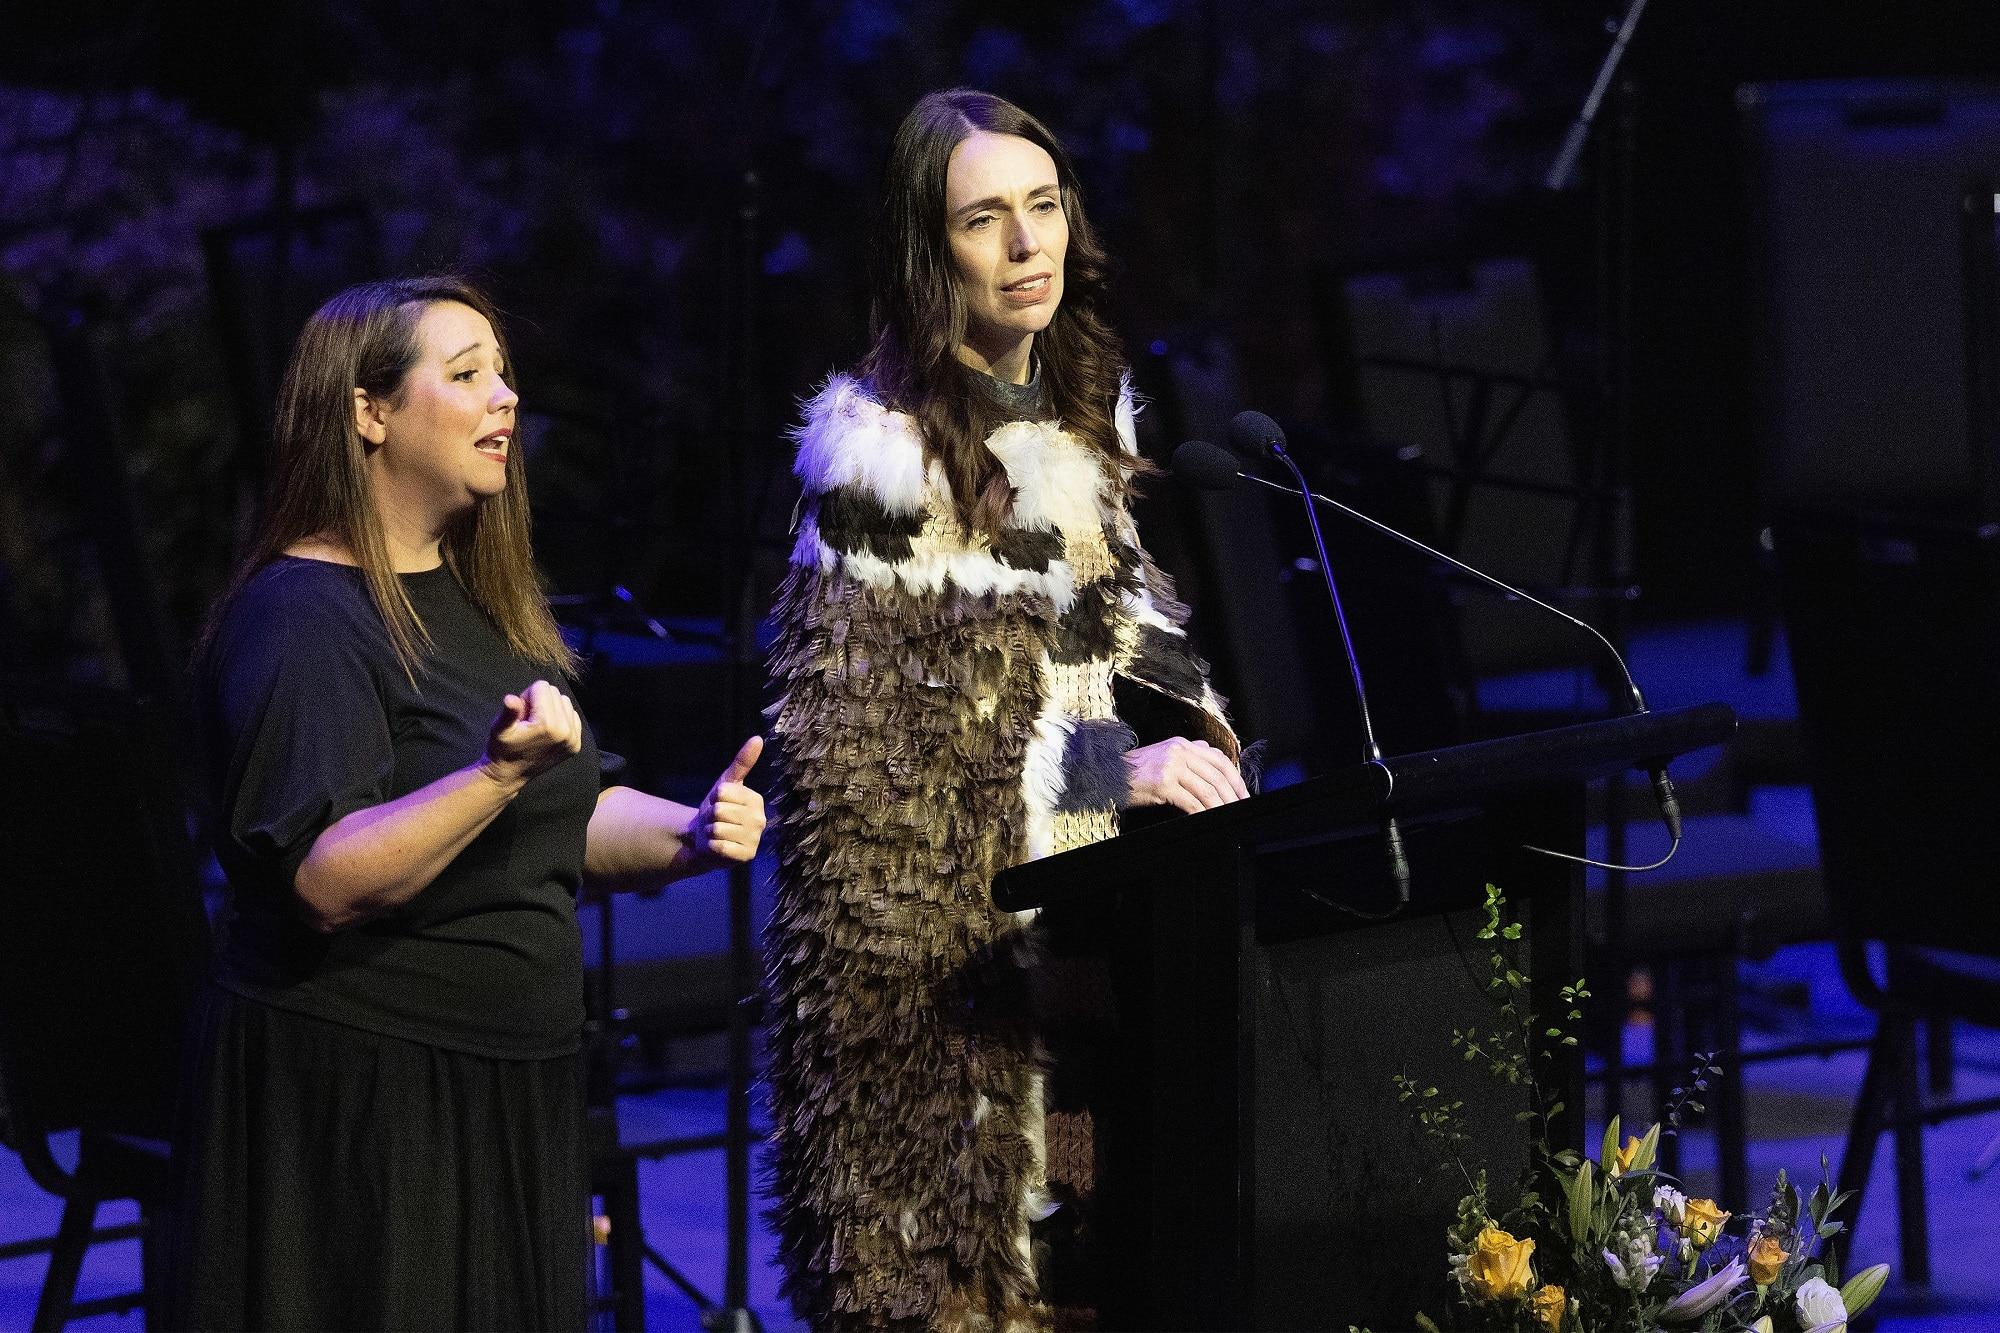 ニュージーランドのジャシンダ・アーダーン首相は、悲劇の2周年を記念して、国家奉仕中に人種差別と闘うことを約束します。